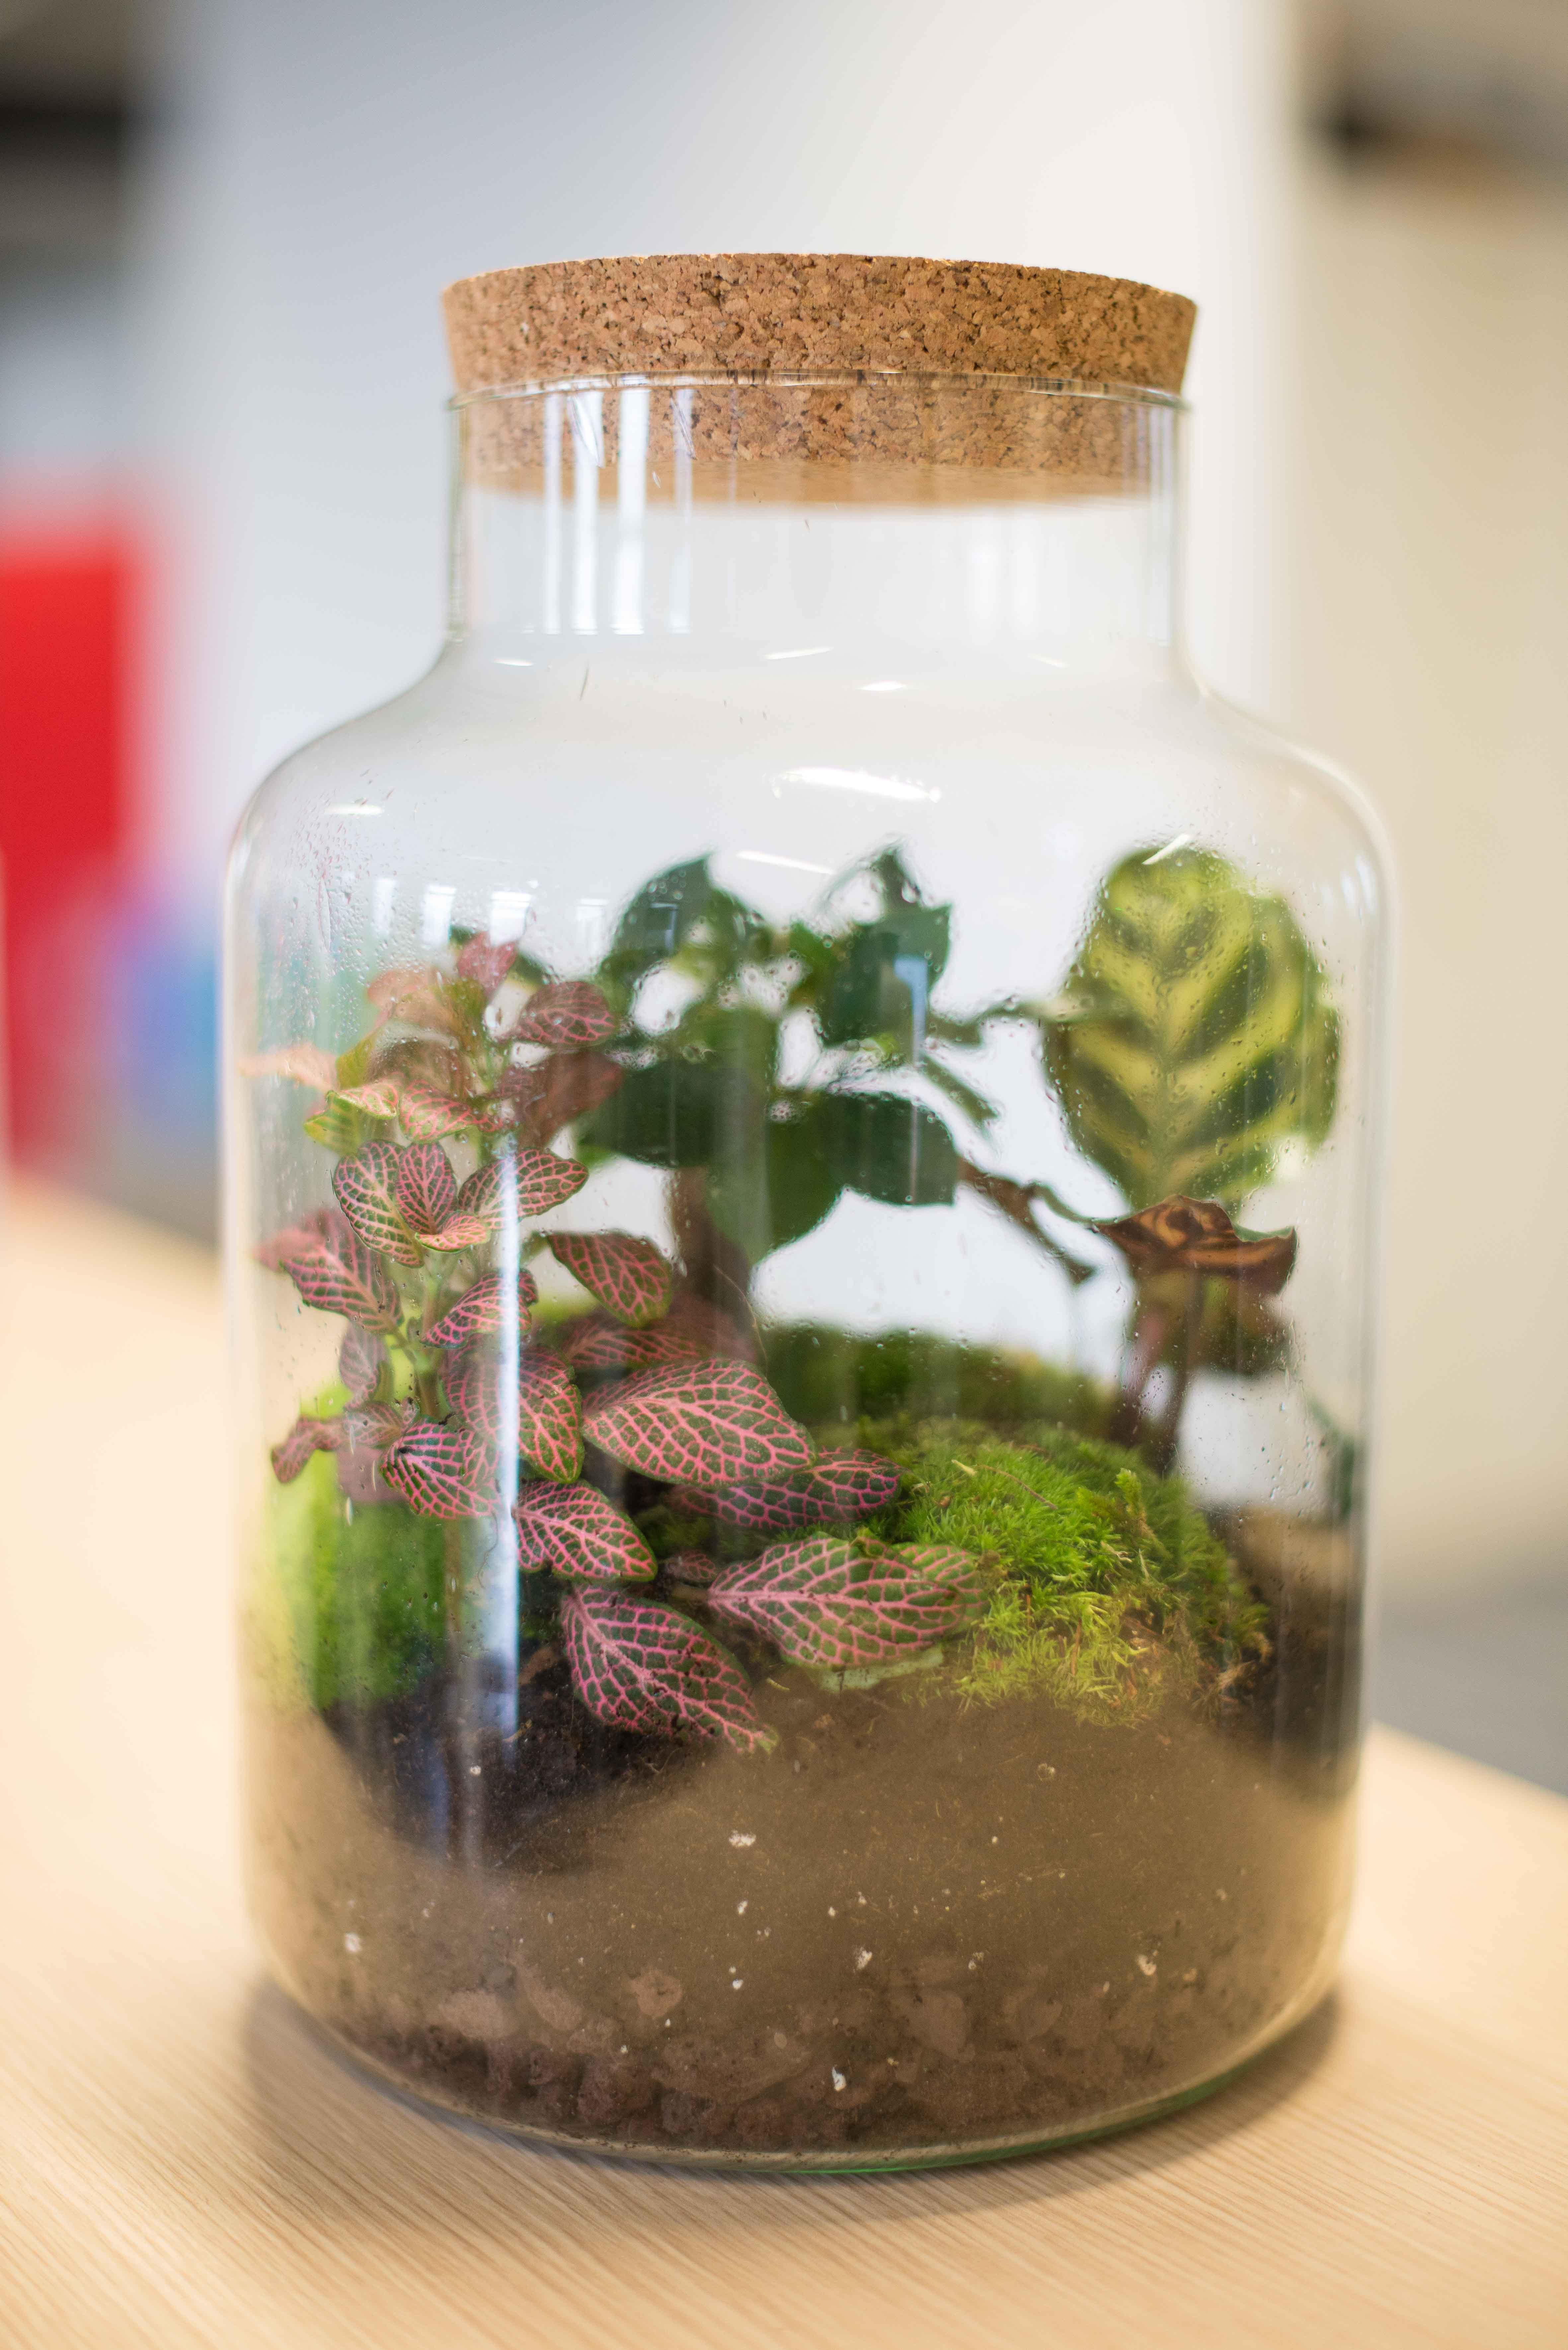 végétalisation bureau commerce paris sweet jungle terrarium